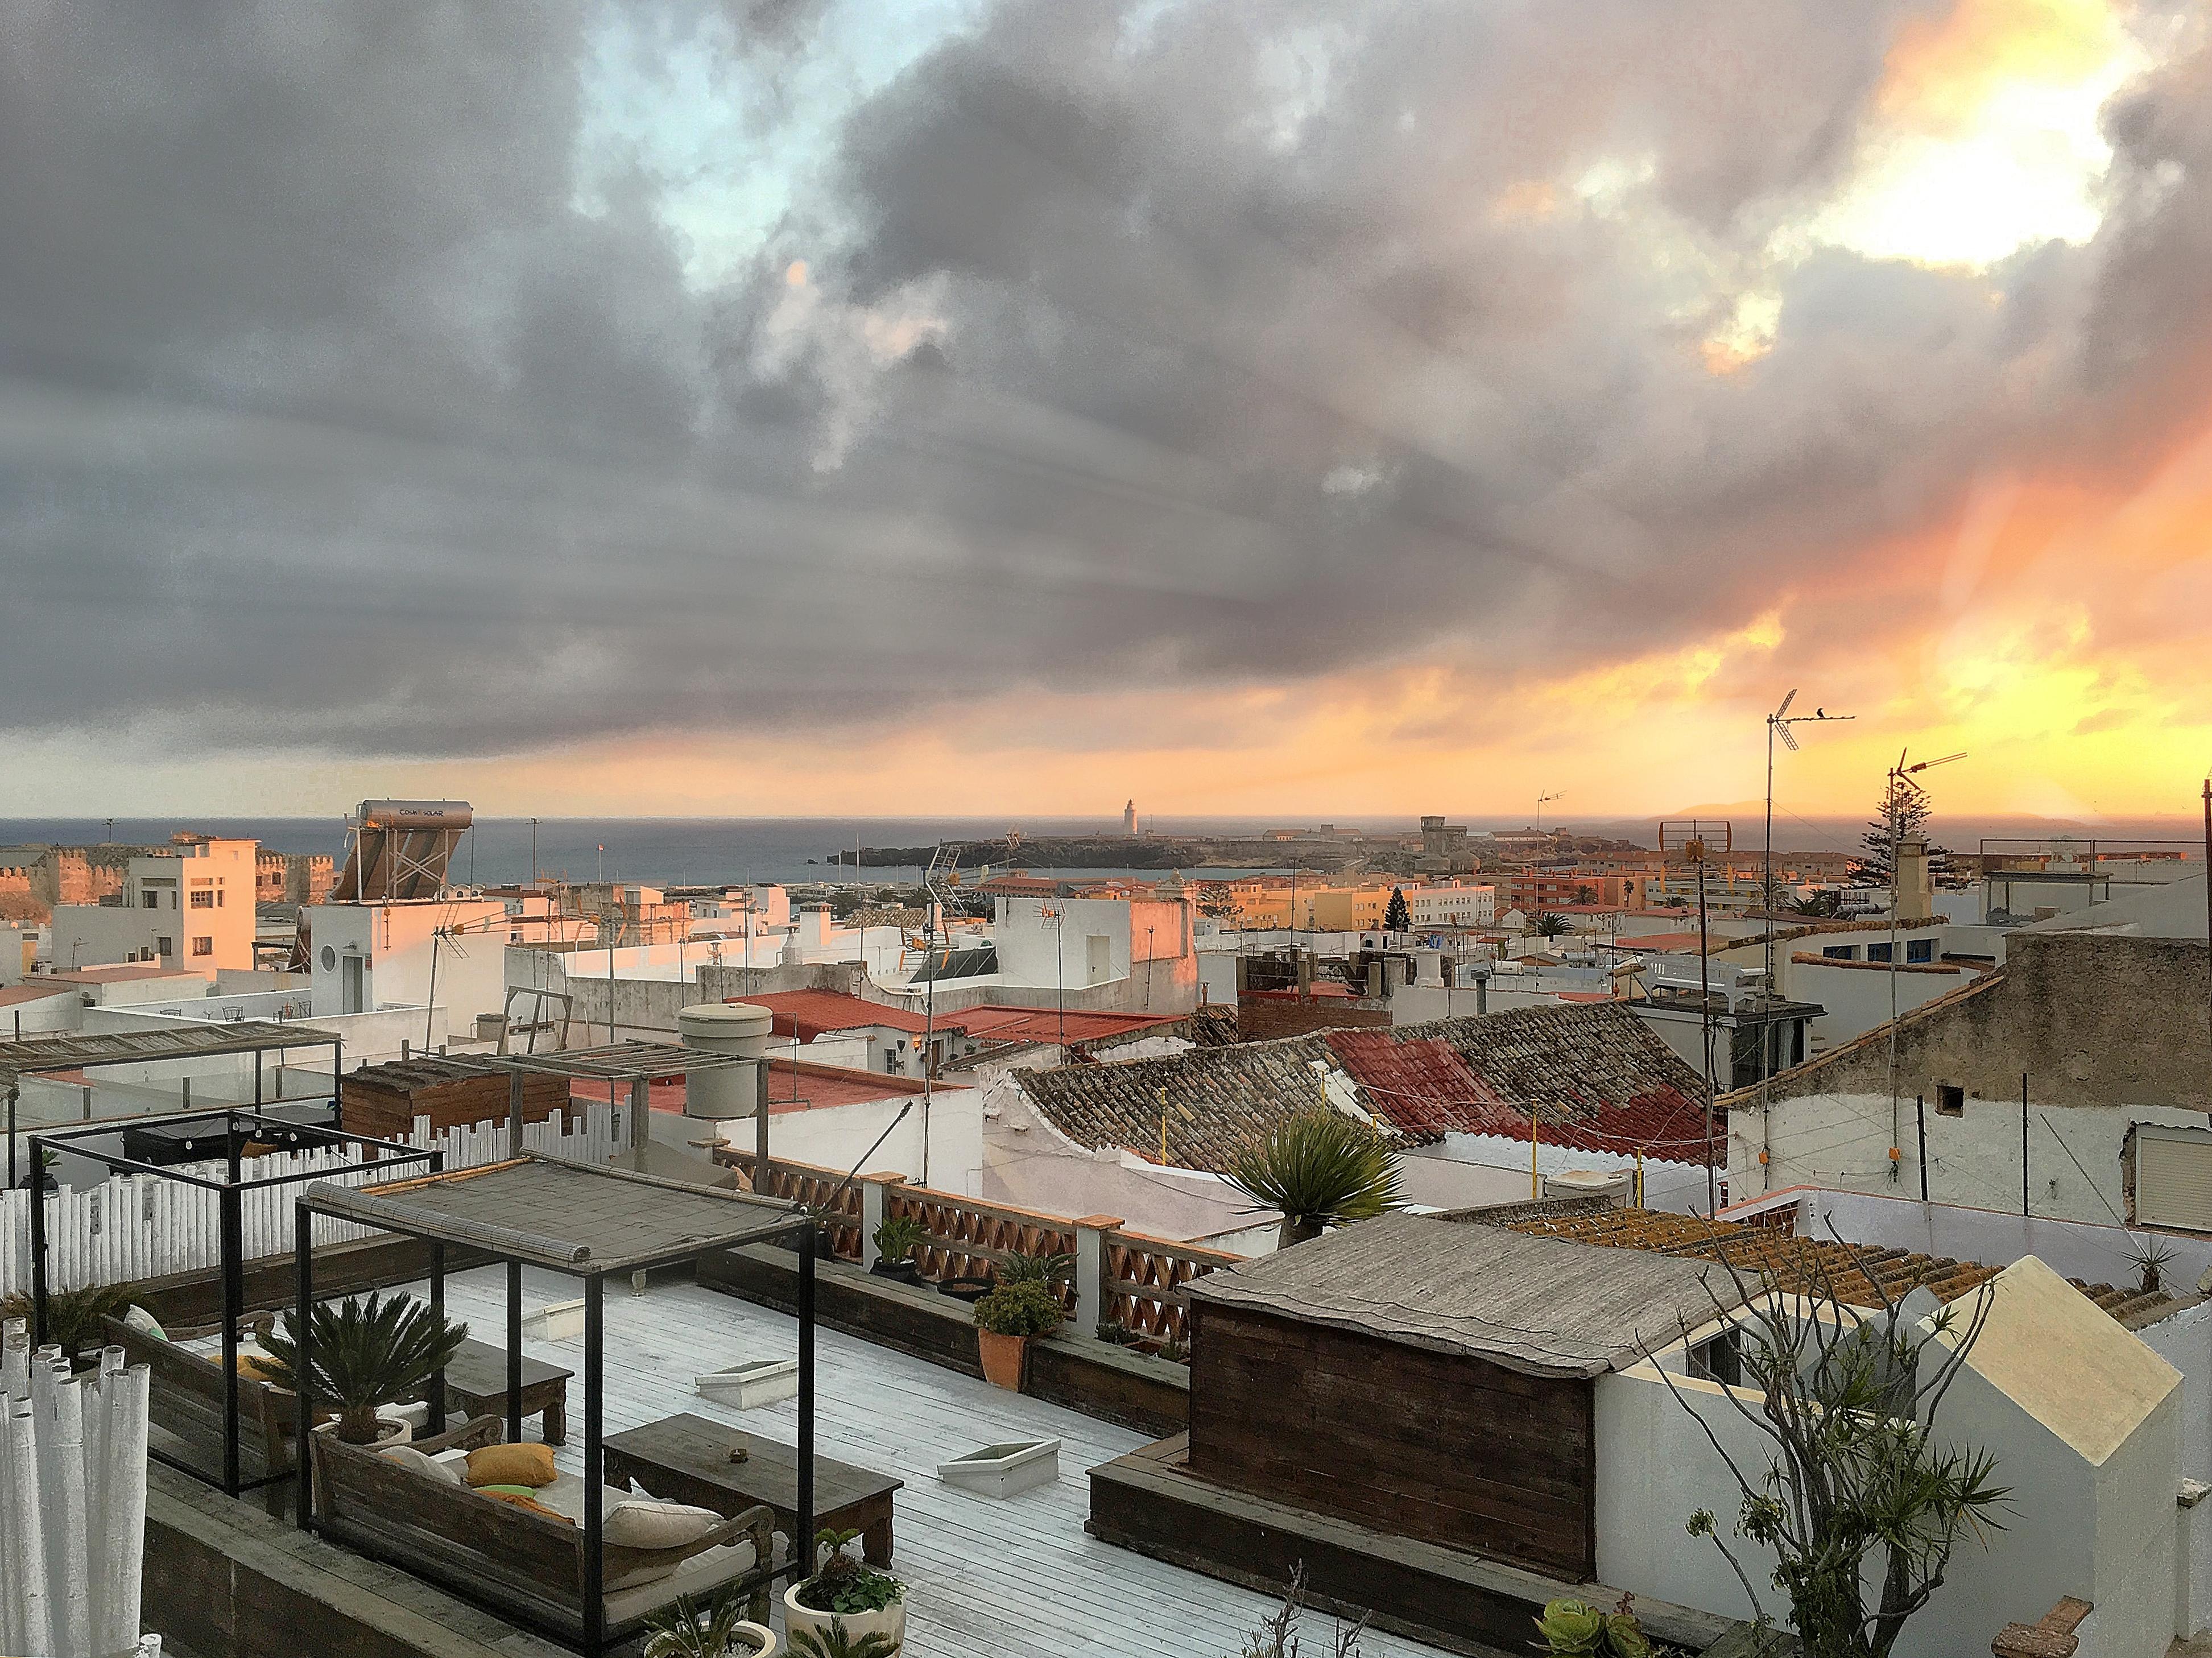 Tariffa Rooftops. Spain